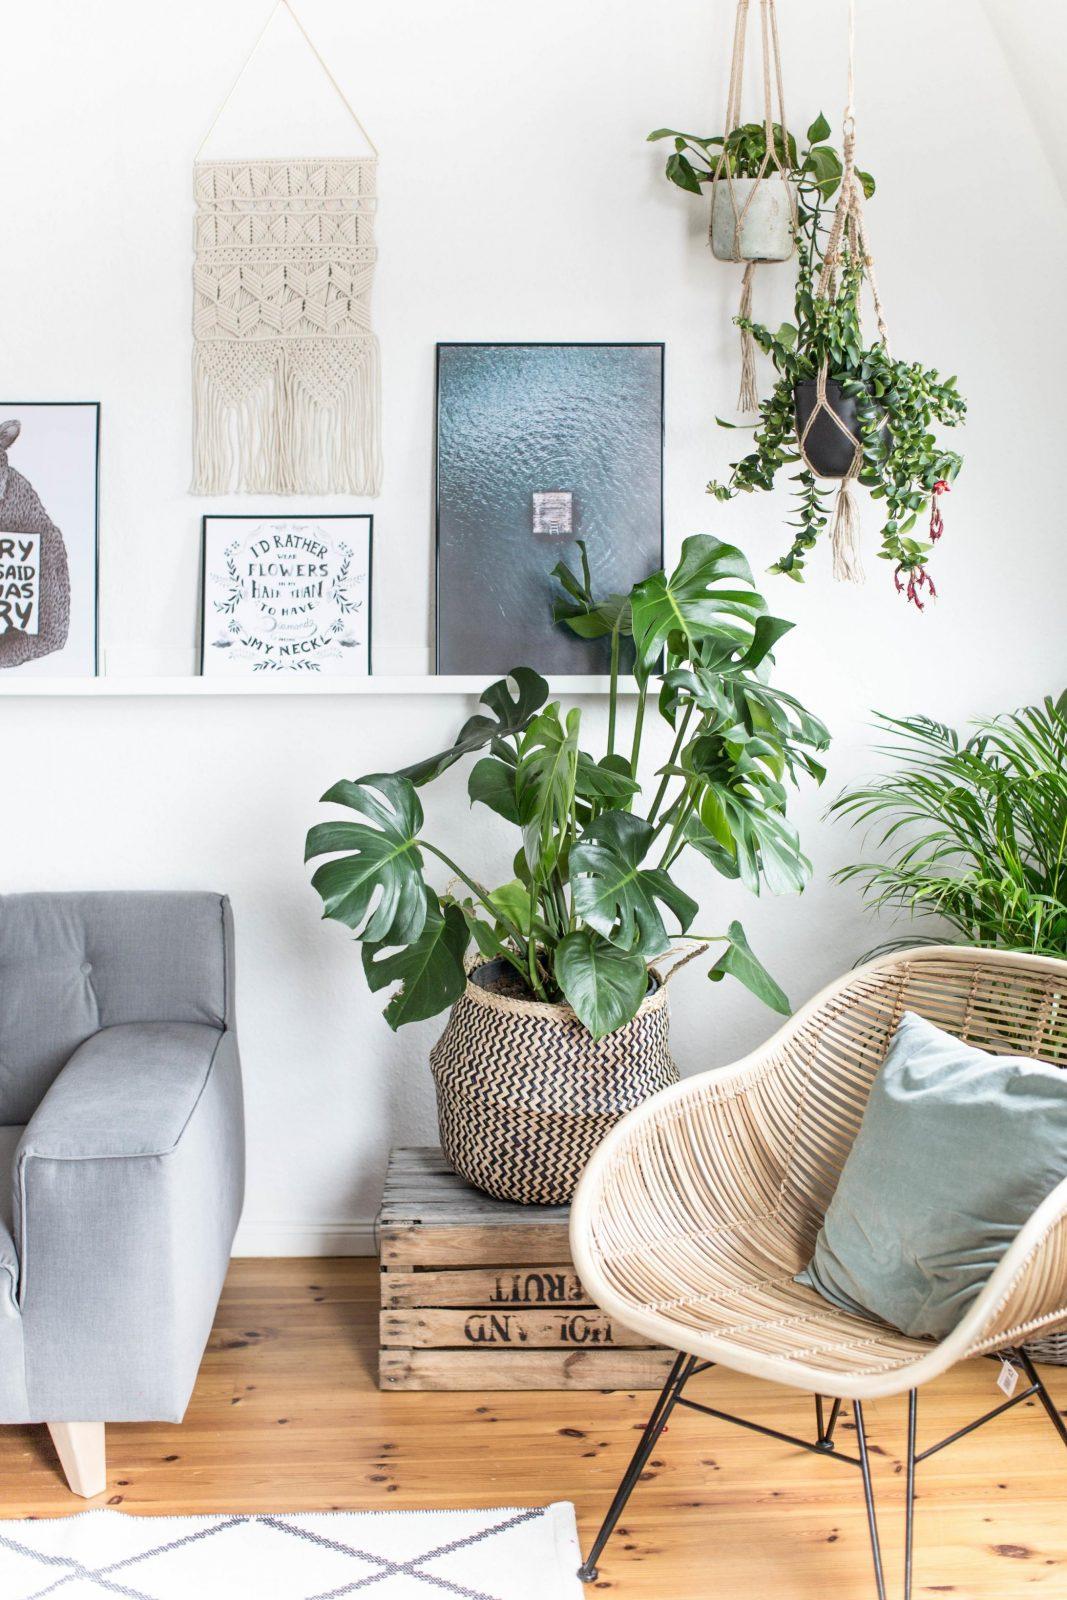 Gemütliches Wohnzimmer So Schaffst Du Eine Kuscheloase von Wie Gestalte Ich Mein Wohnzimmer Gemütlich Photo